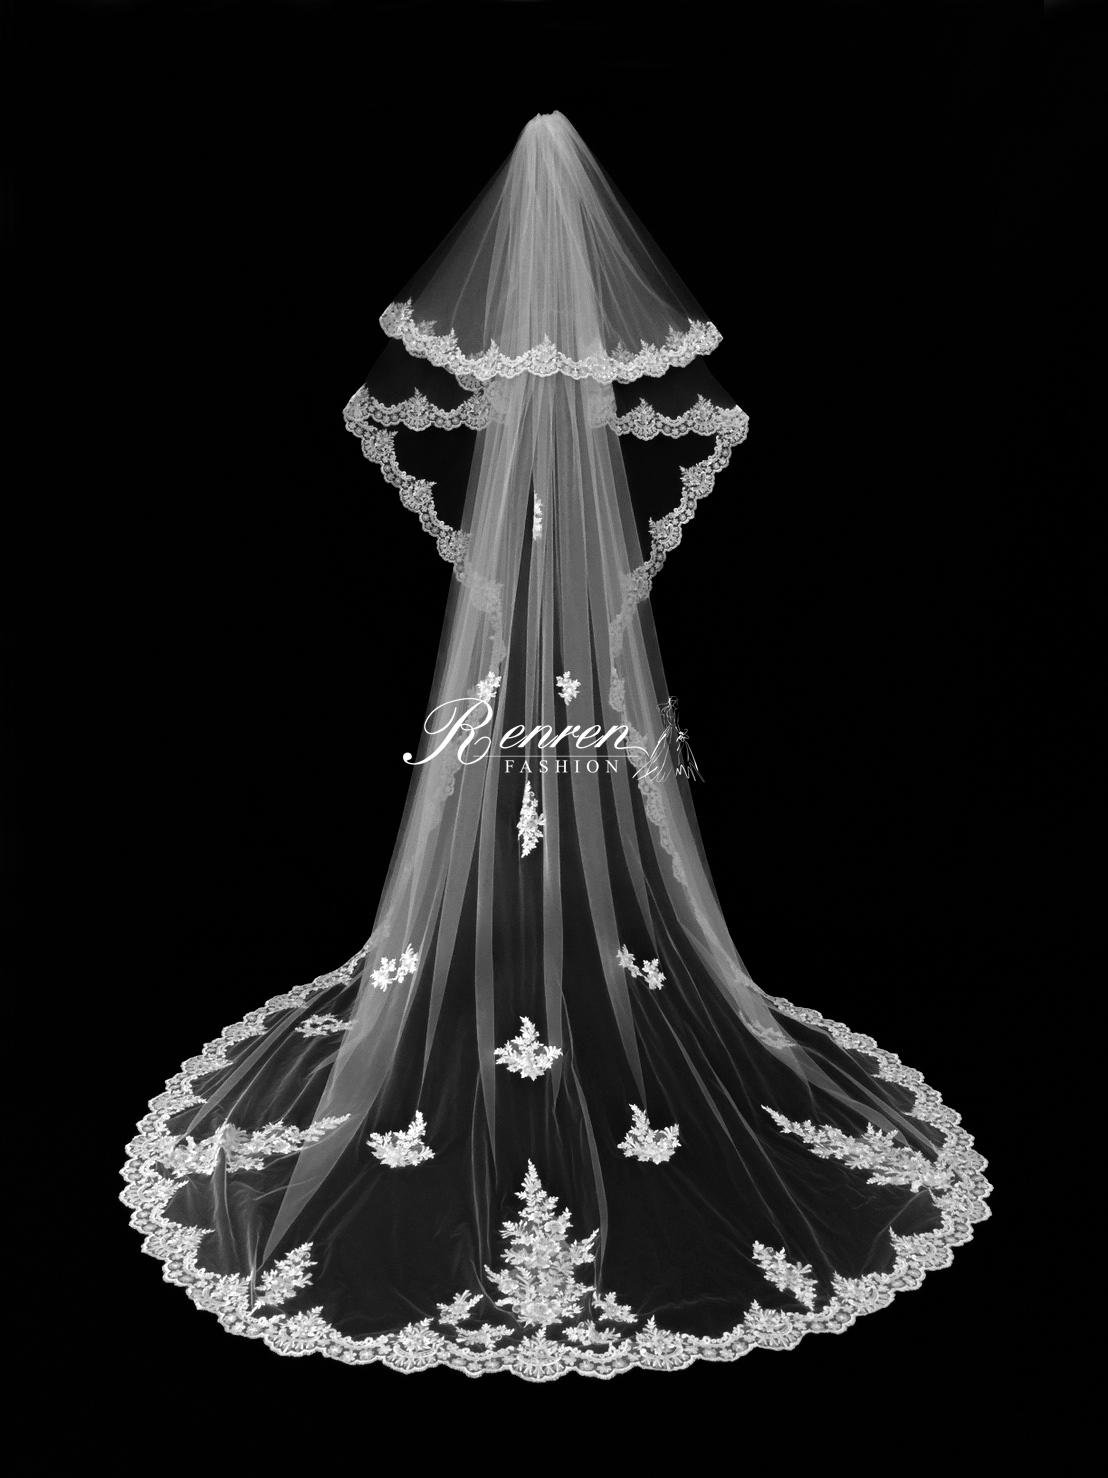 台中-冉冉-歐美-婚紗-美式頭紗-2